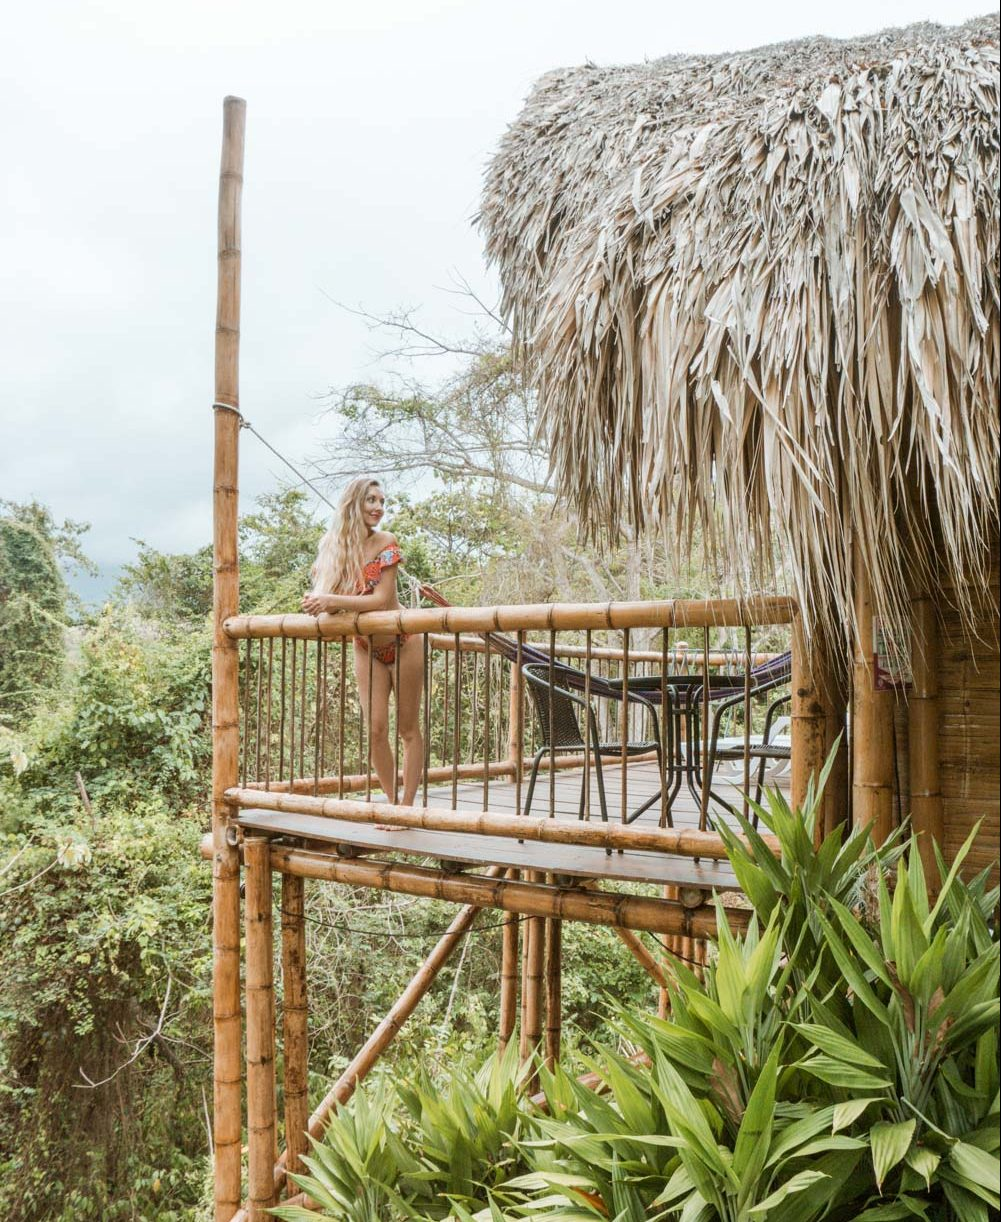 villa maria tayrona, tayrona national park, colombia